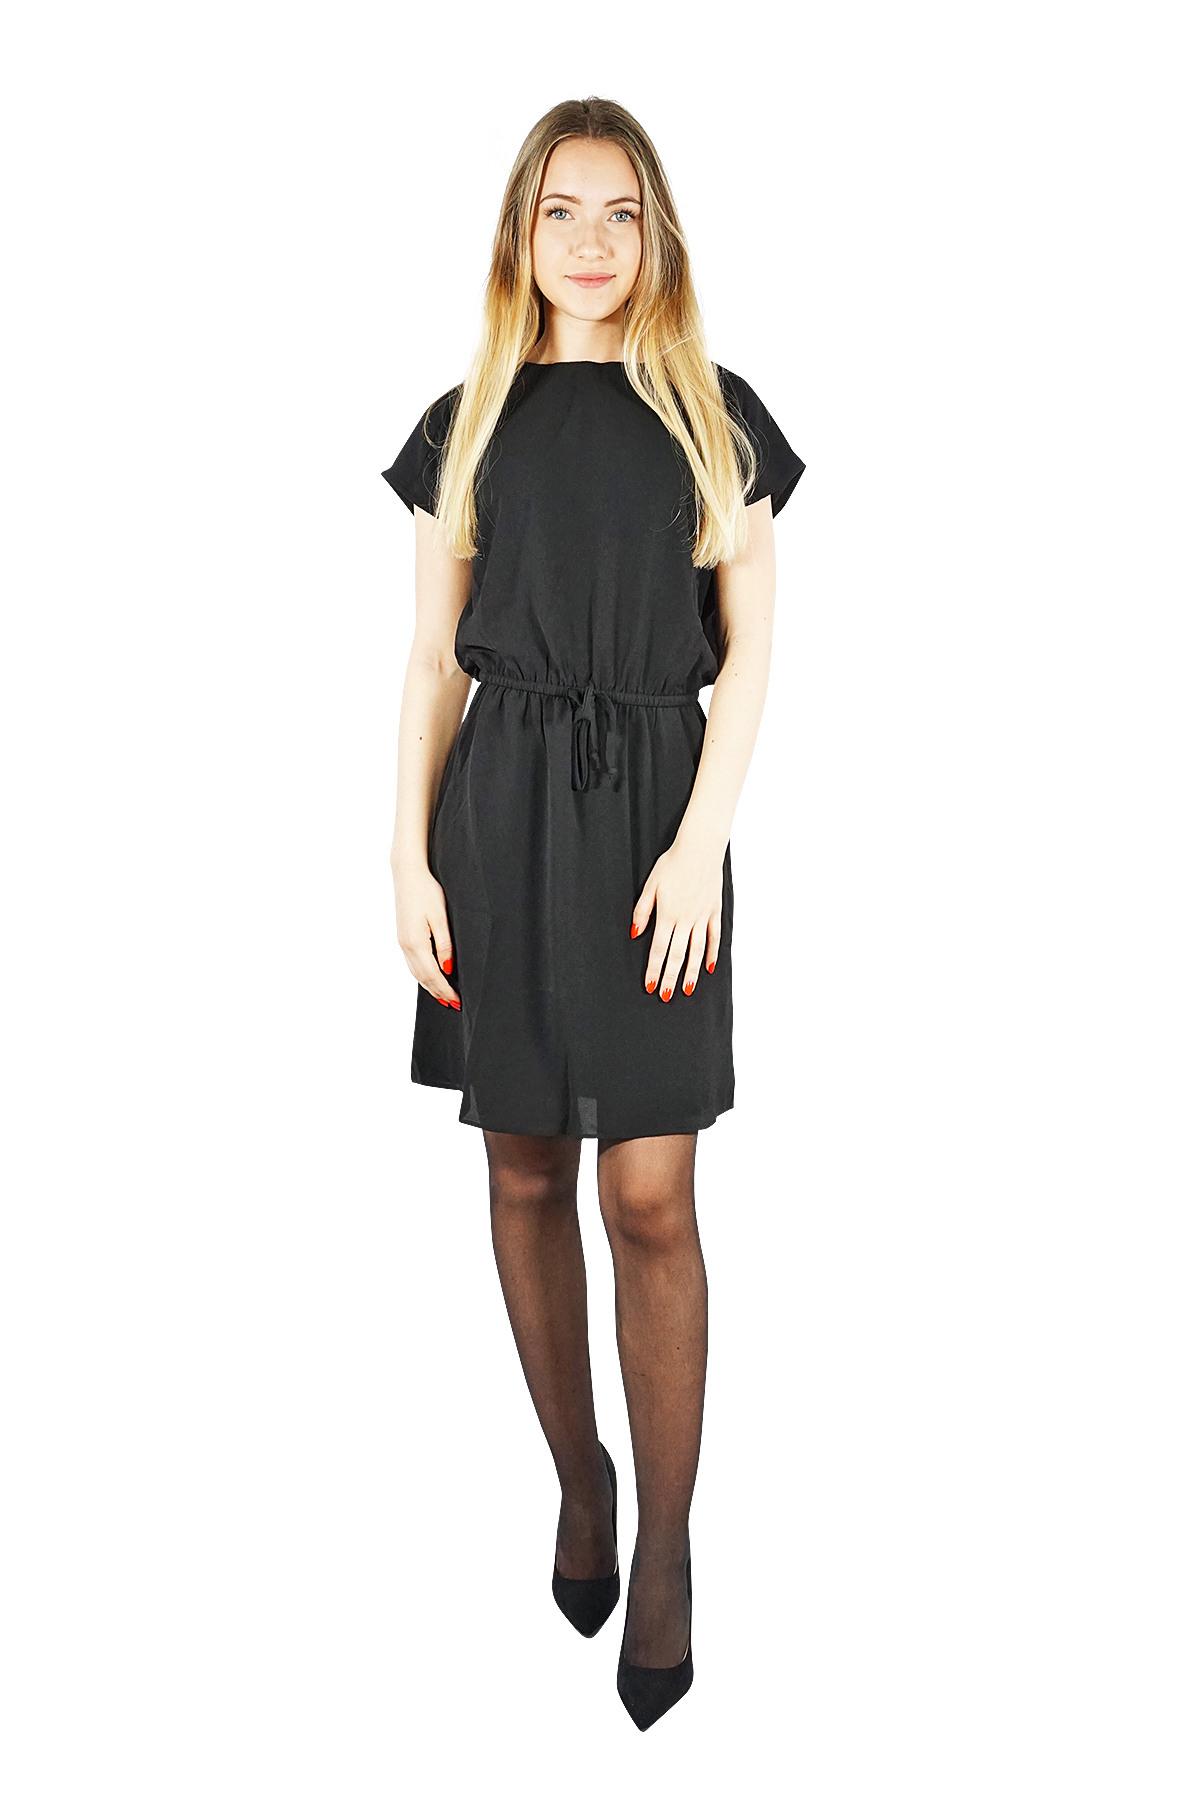 15 Perfekt Vero Moda Abendkleider ÄrmelFormal Kreativ Vero Moda Abendkleider Vertrieb